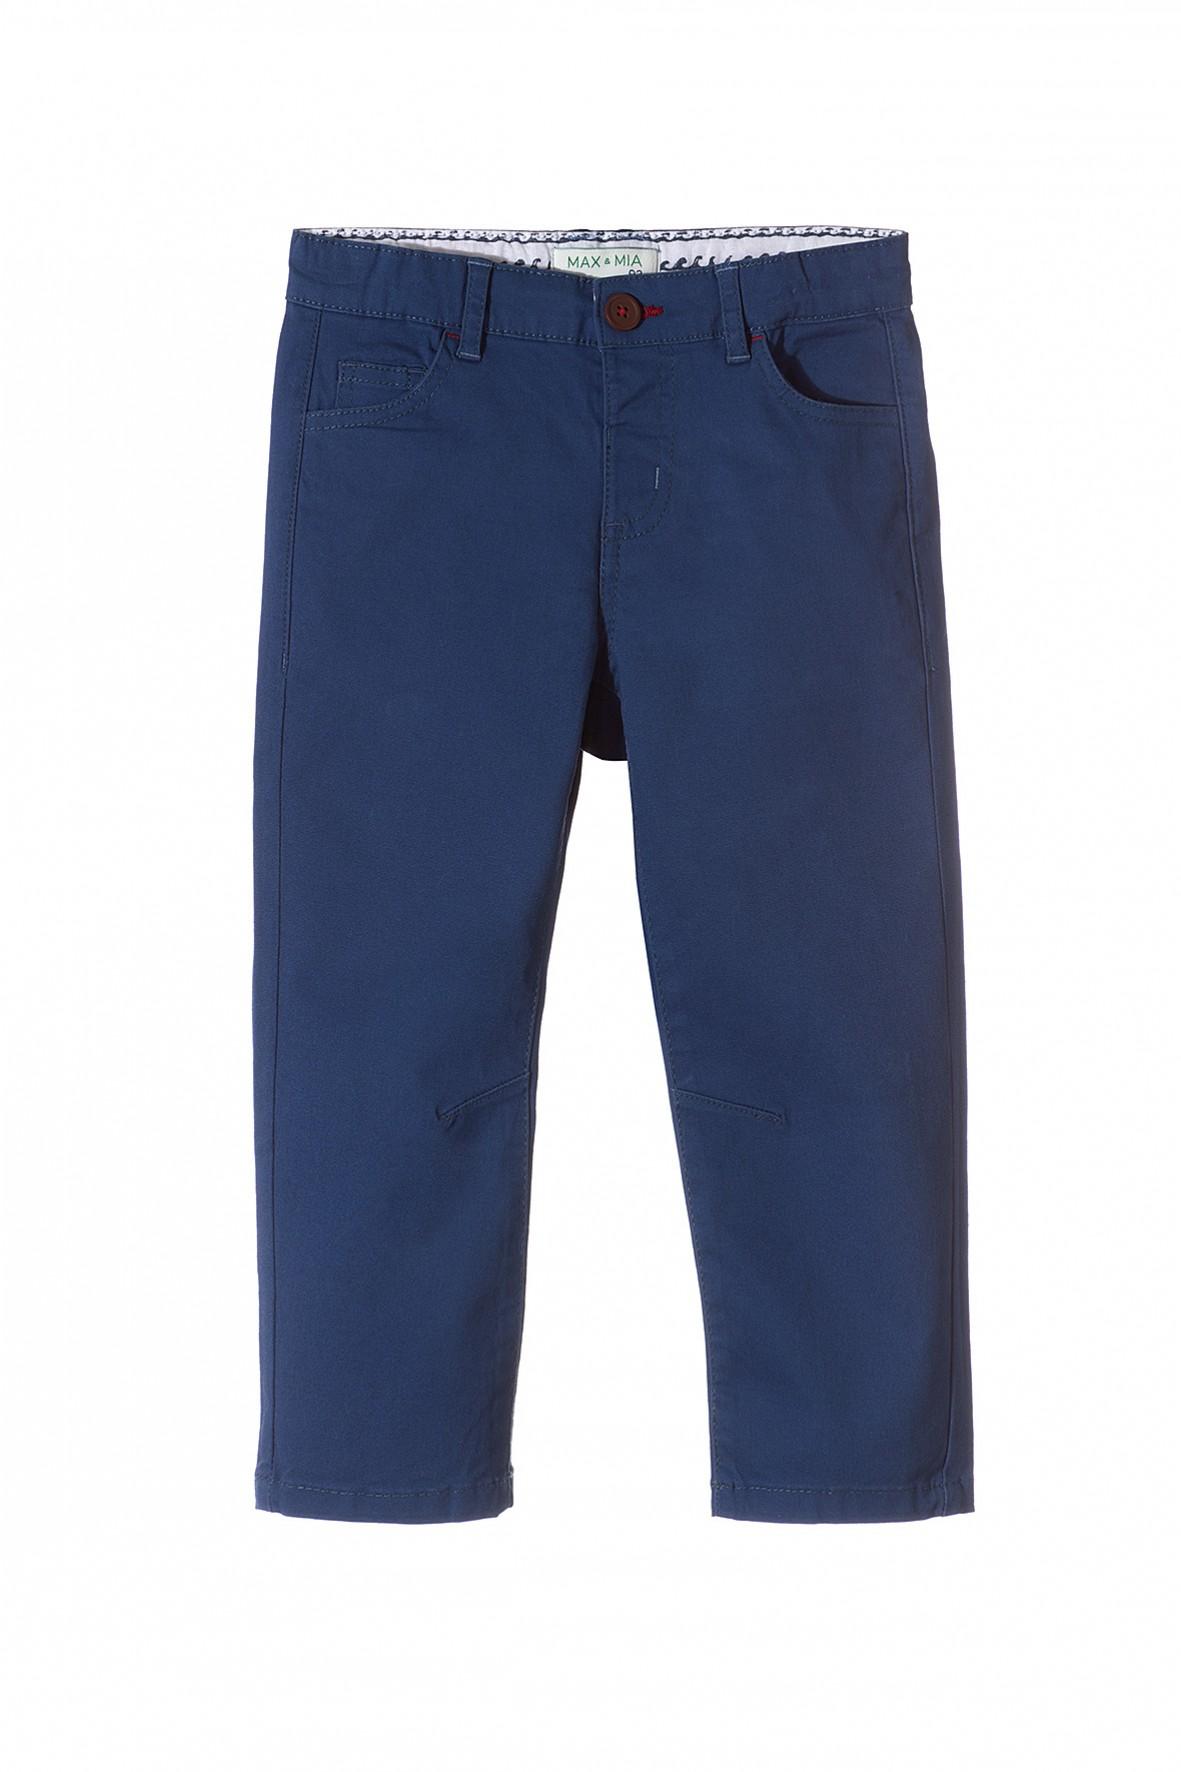 Spodnie chłopięce granatowe